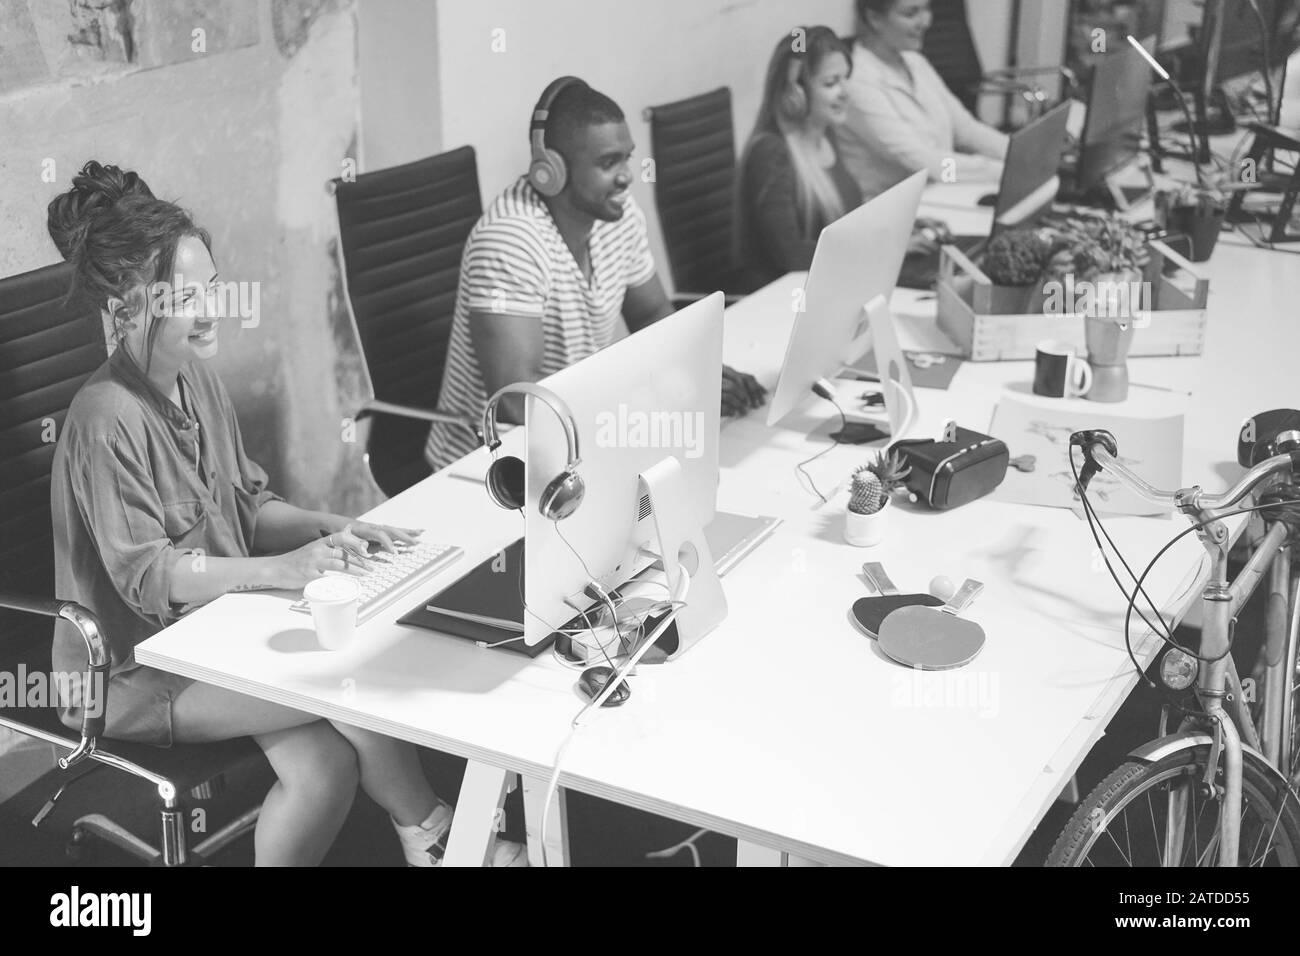 Travail d'équipe à la mode jeune utilisant l'ordinateur dans le bureau créatif - les gens d'affaires travaillant ensemble sur le projet de site Web - Focus sur femme à droite - Technolog Banque D'Images